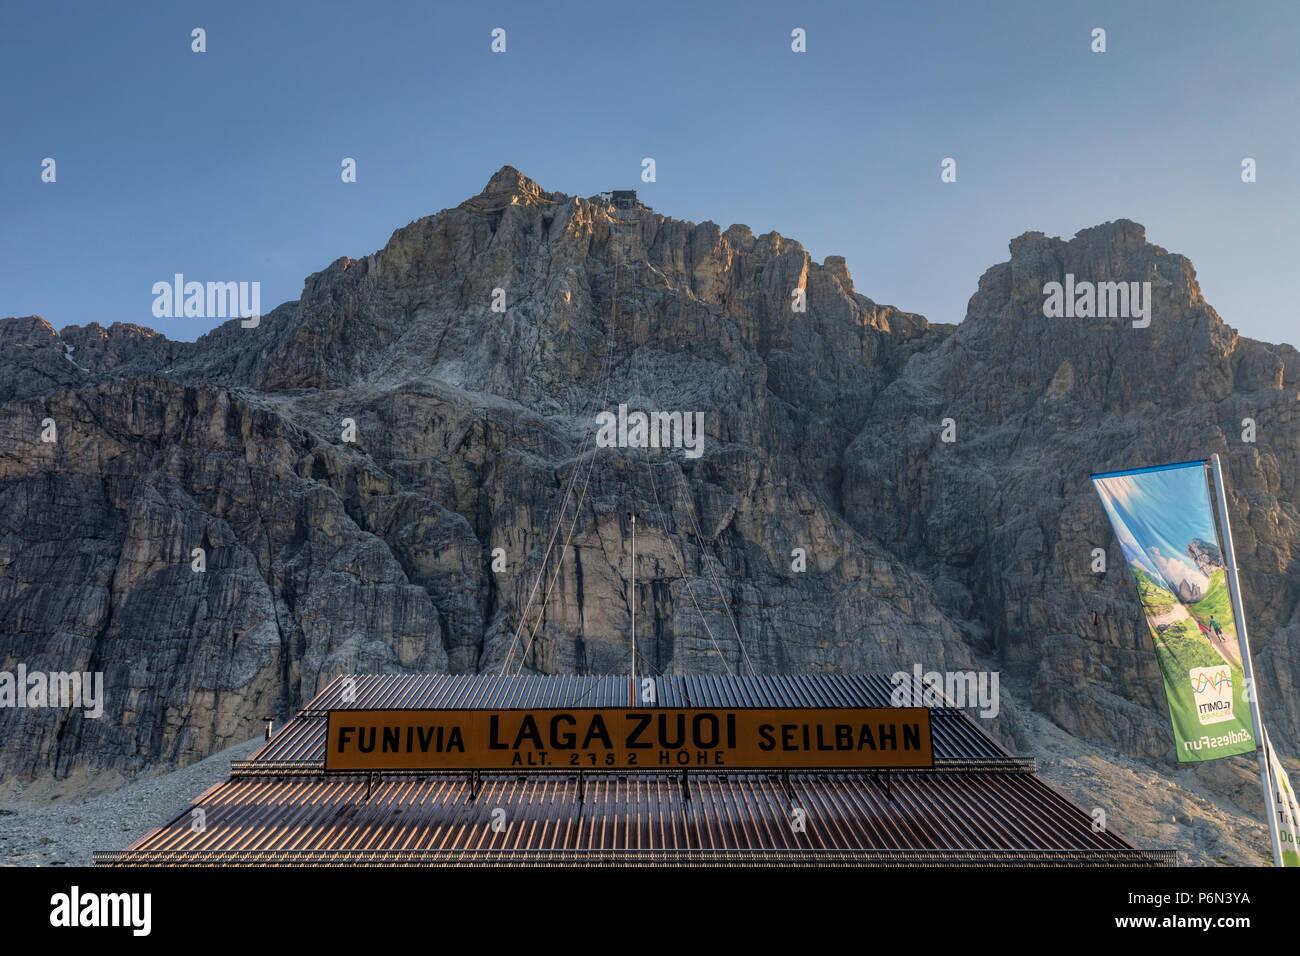 Lagazuoi, Passo di Falzarego, Cortina d'Ampezzo; Veneto, Belluno, Dolomites; Italy; - Stock Image